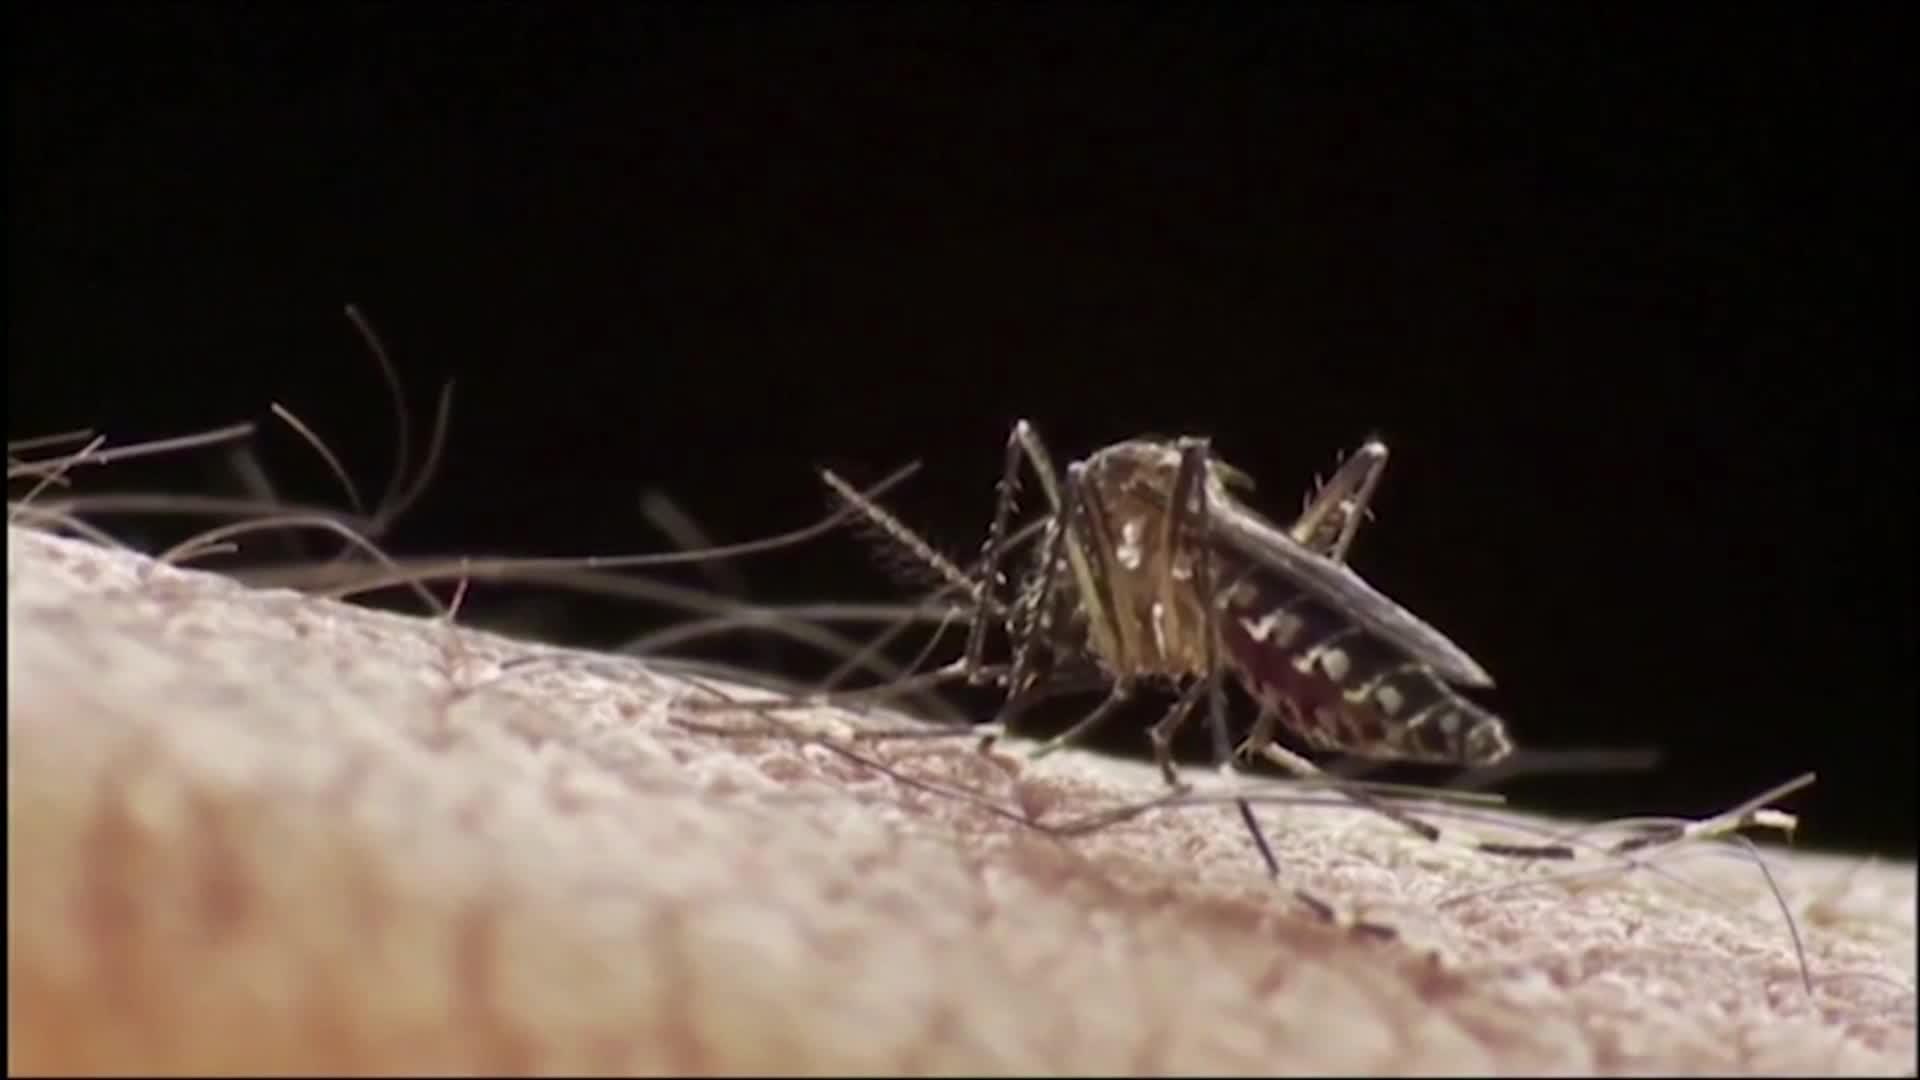 200128114804 dengue aedes aegypti fiebre amarilla pkg ignacio grimaldi 00004529 - Principales epidemias y pandemias que han afectado a Guatemala desde el siglo XVI